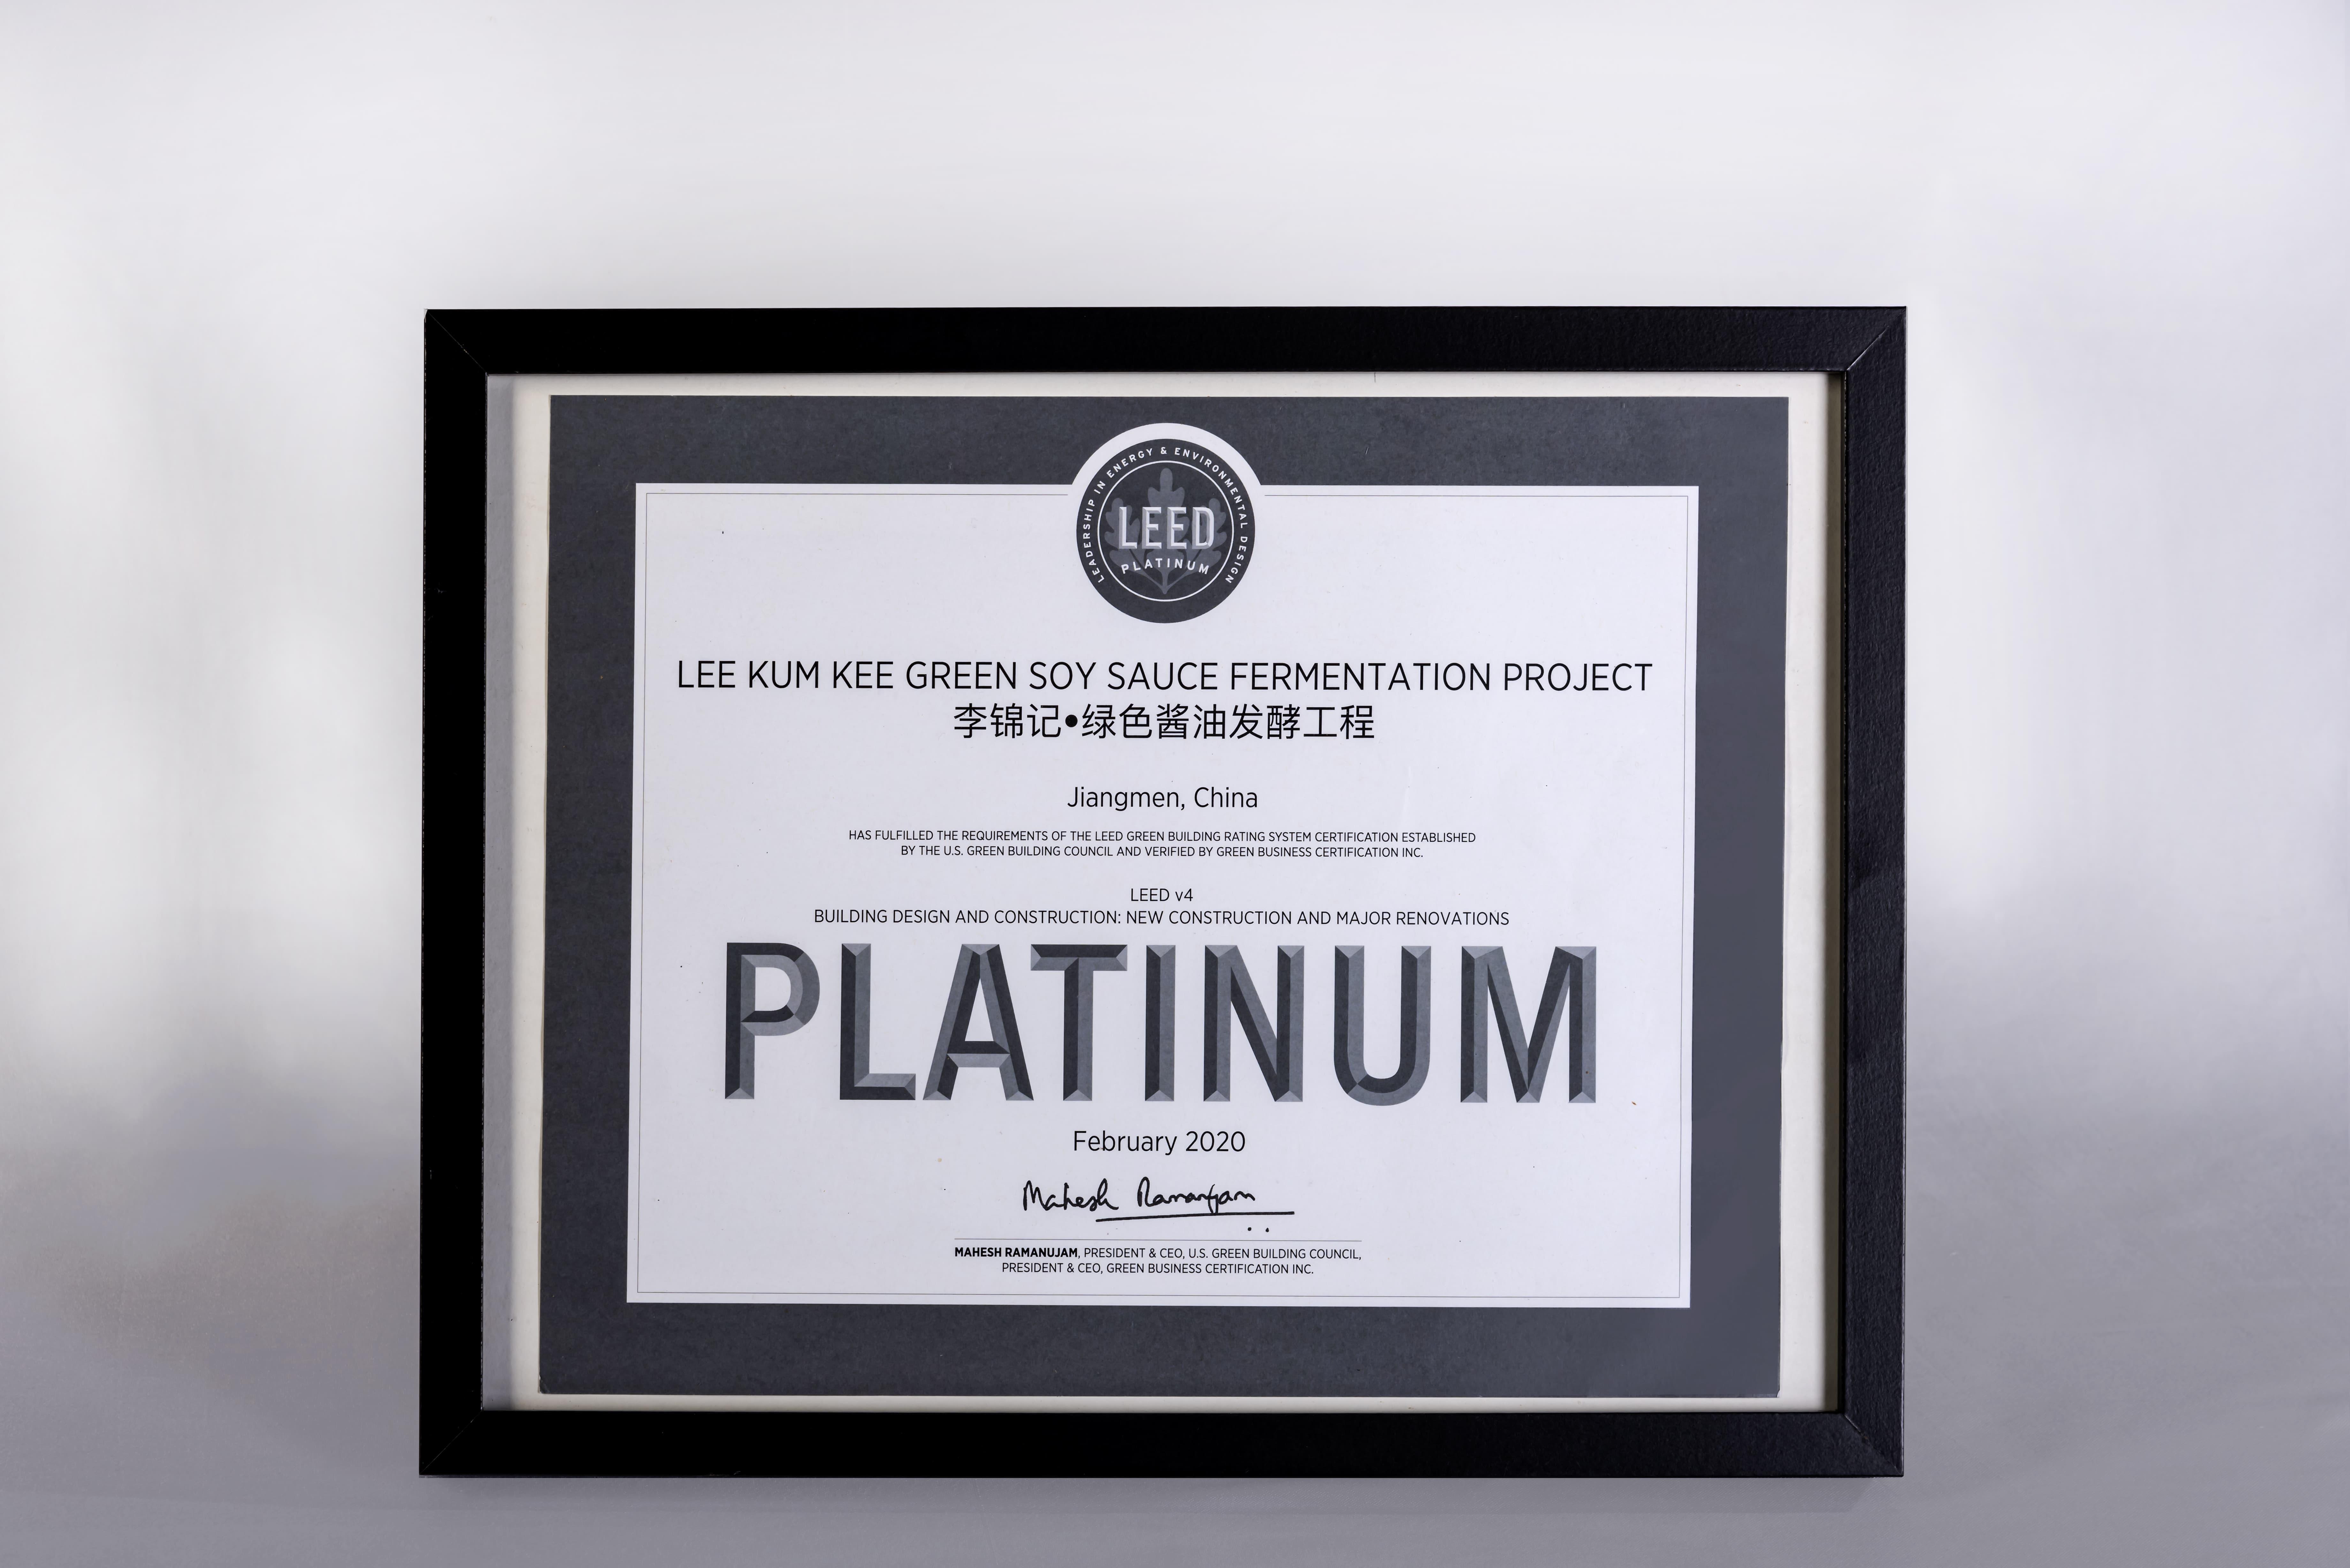 李錦記榮獲能源與環境設計先鋒國際標準LEED 鉑金認證